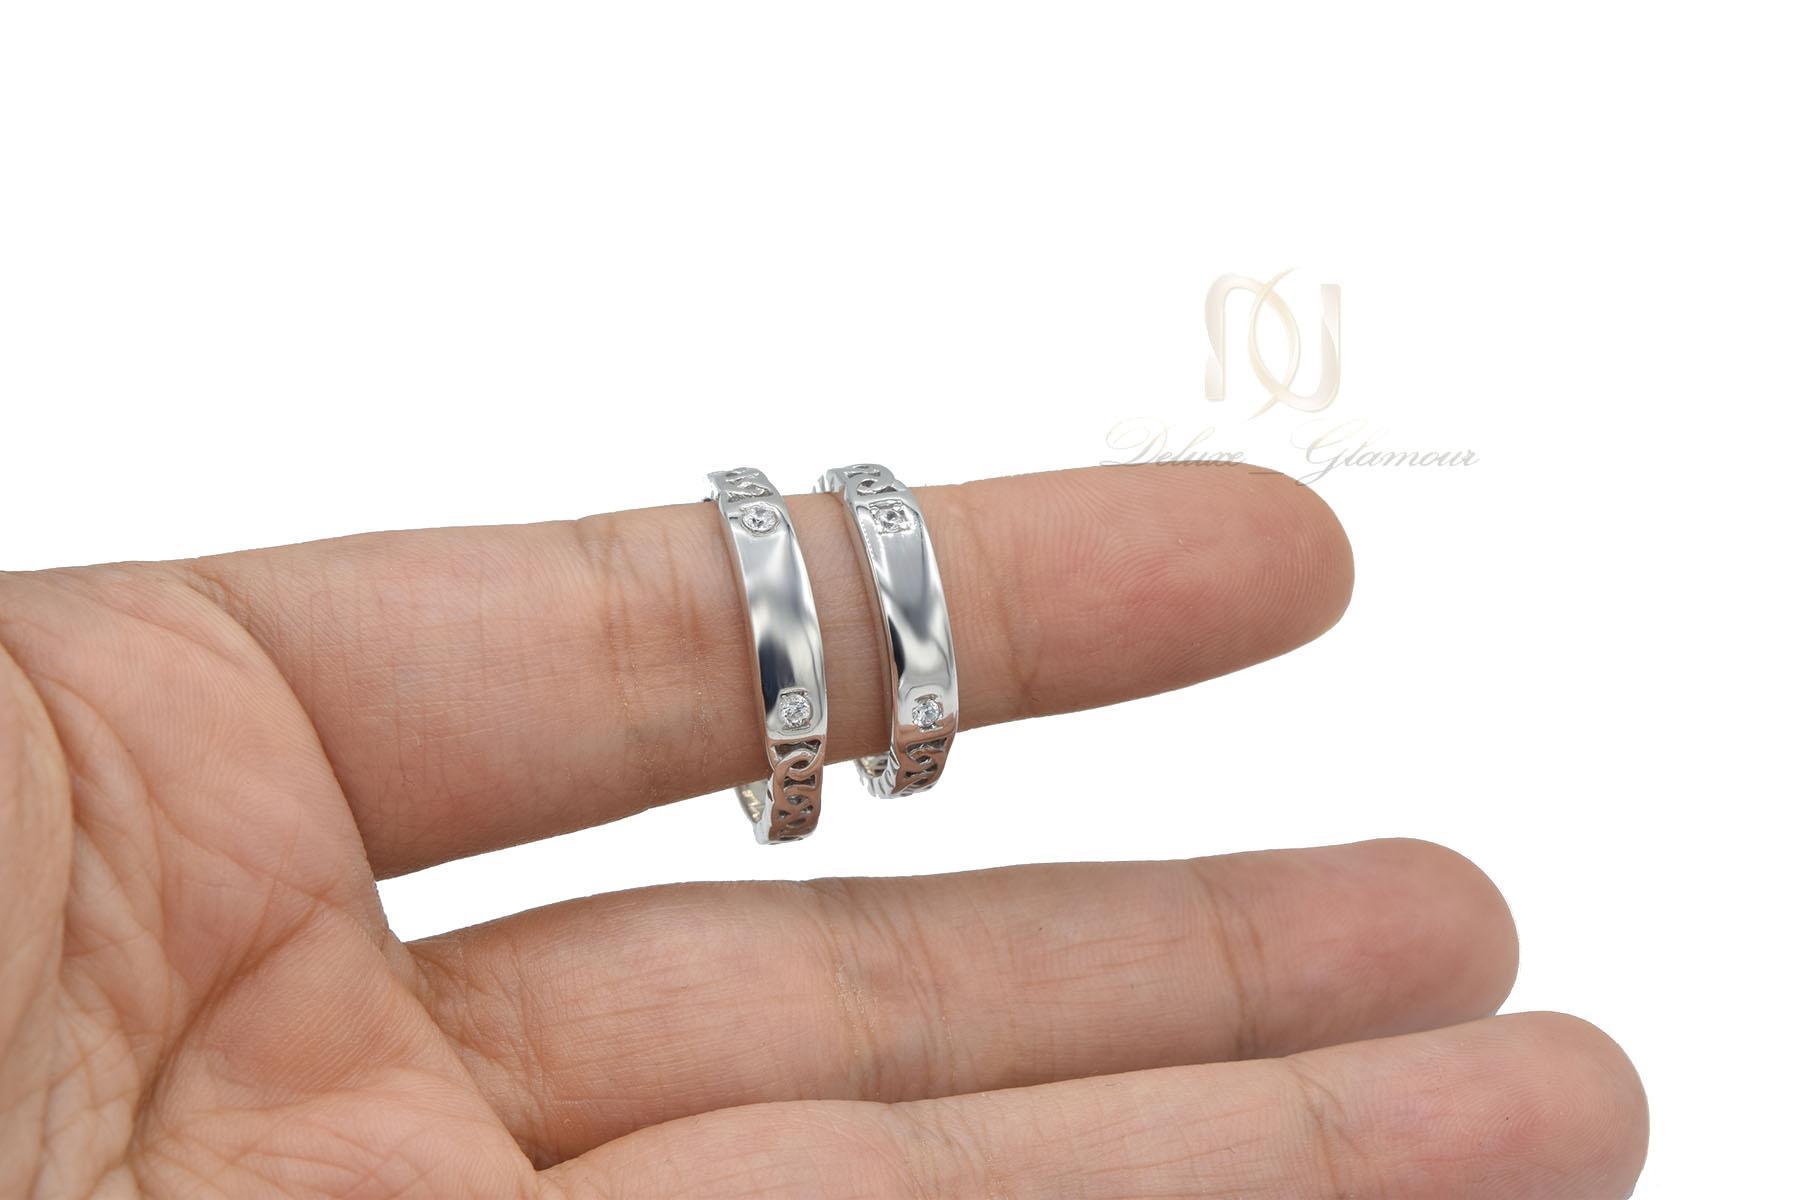 حلقه ست نقره ازدواج طرح طلا سفید نگین دار rg-n417 از نمای روی دست